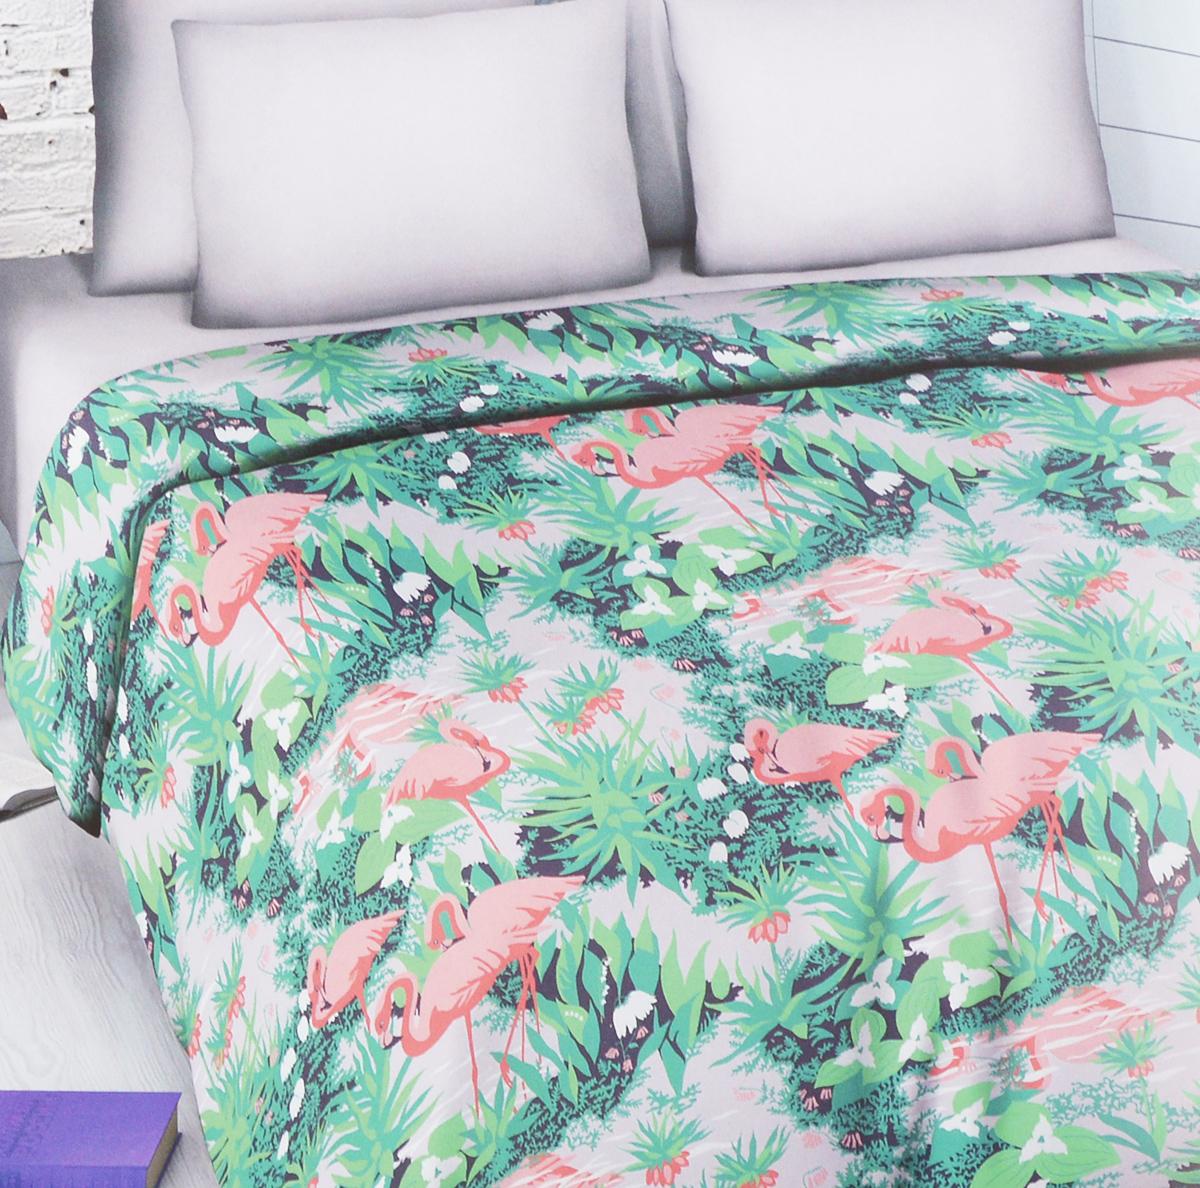 Комплект белья Василиса Фламинго, семейный, наволочки 70х705581/сКомплект белья Василиса Фламинго, выполненный из набивной бязи (100% хлопок), состоит из двух пододеяльников, простыни и двух наволочек. Бязь - хлопчатобумажная ткань полотняного переплетения без искусственных добавок. Большое количество нитей делает эту ткань более плотной, более долговечной. Высокая плотность ткани позволяет сохранить форму изделия, его первоначальные размеры и первозданный рисунок. Приобретая комплект постельного белья Василиса, вы можете быть уверенны в том, что покупка доставит вам и вашим близким удовольствие и подарит максимальный комфорт.